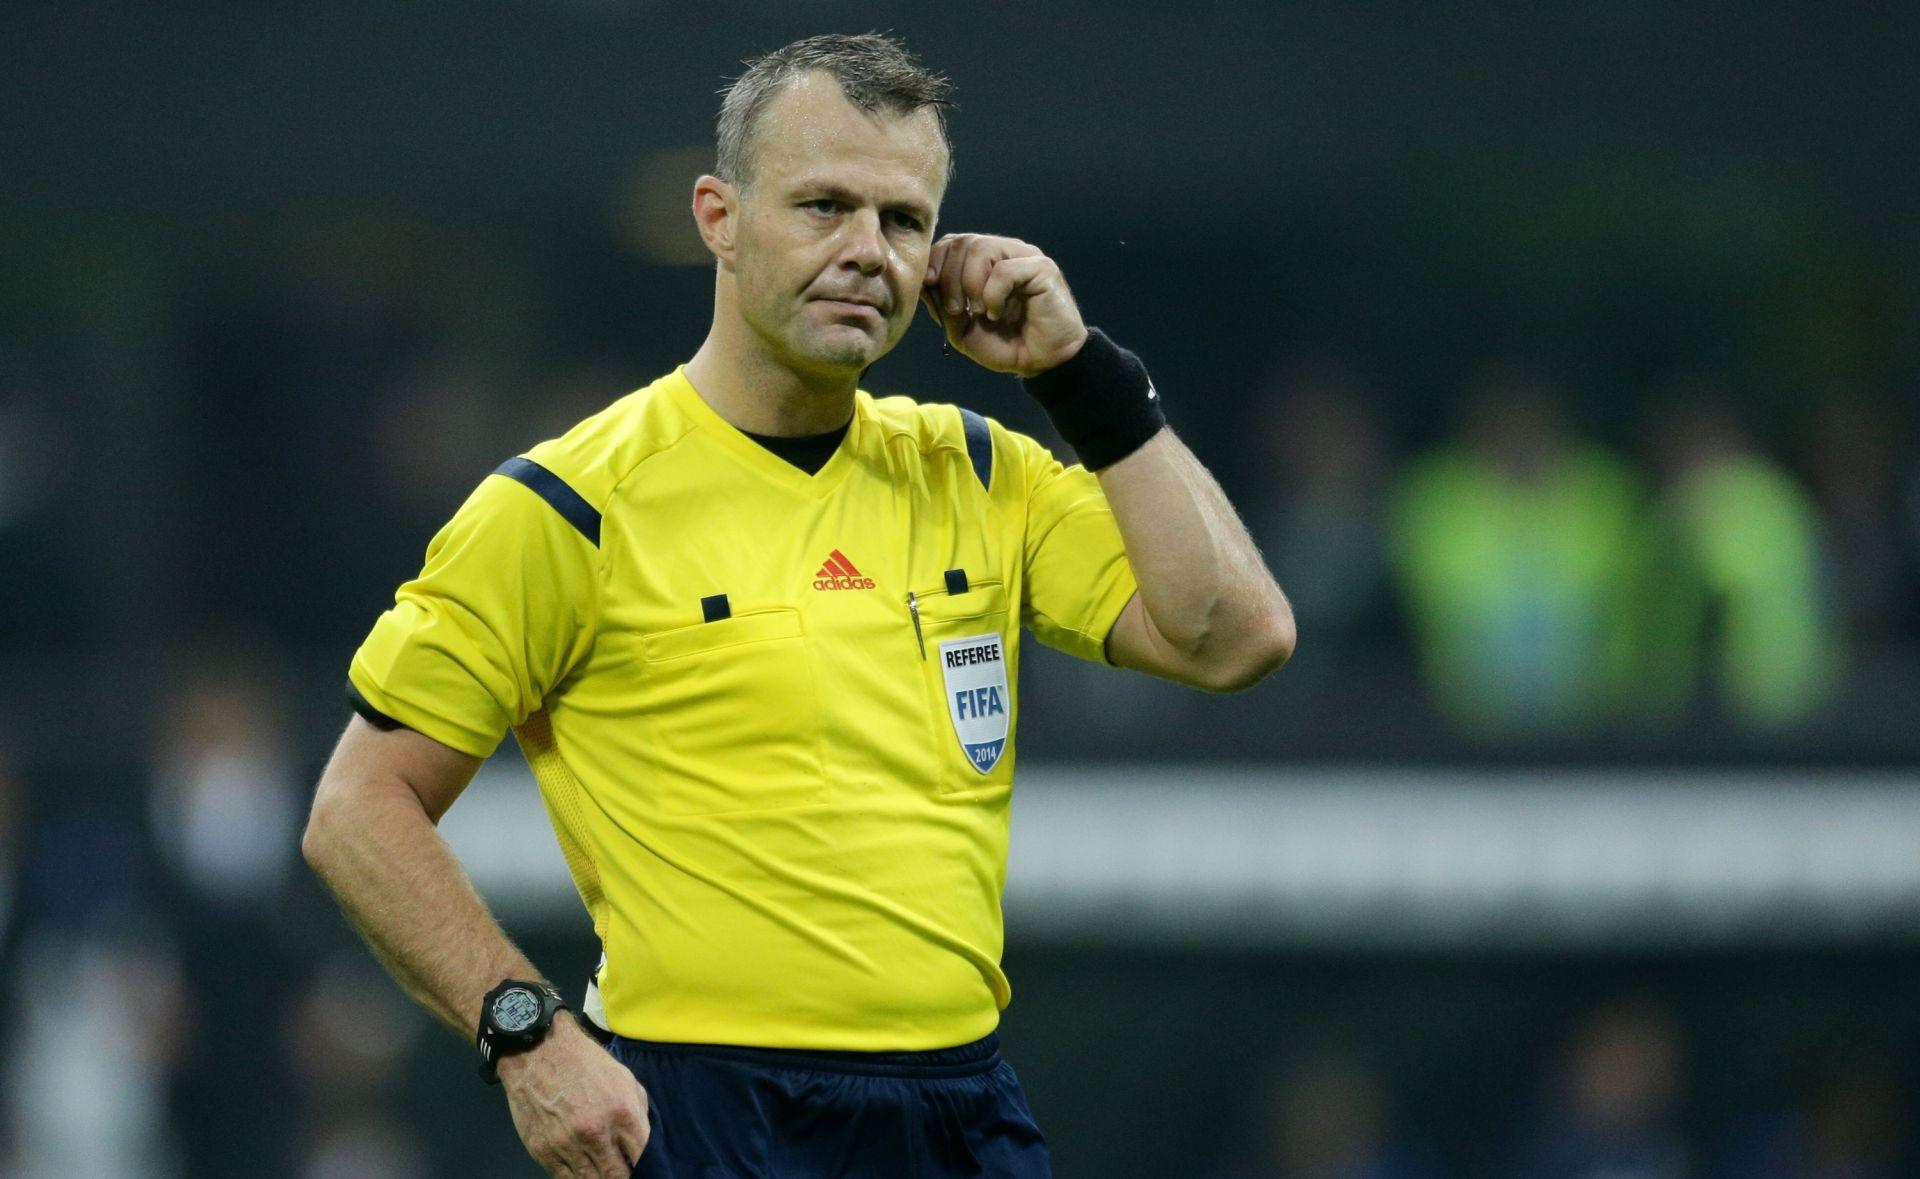 VEĆ  IMA ISKUSTAVA S HRVATSKIM HULIGANIMA Kuipers će dijeliti pravdu u utakmici odluke sa Španjolcima